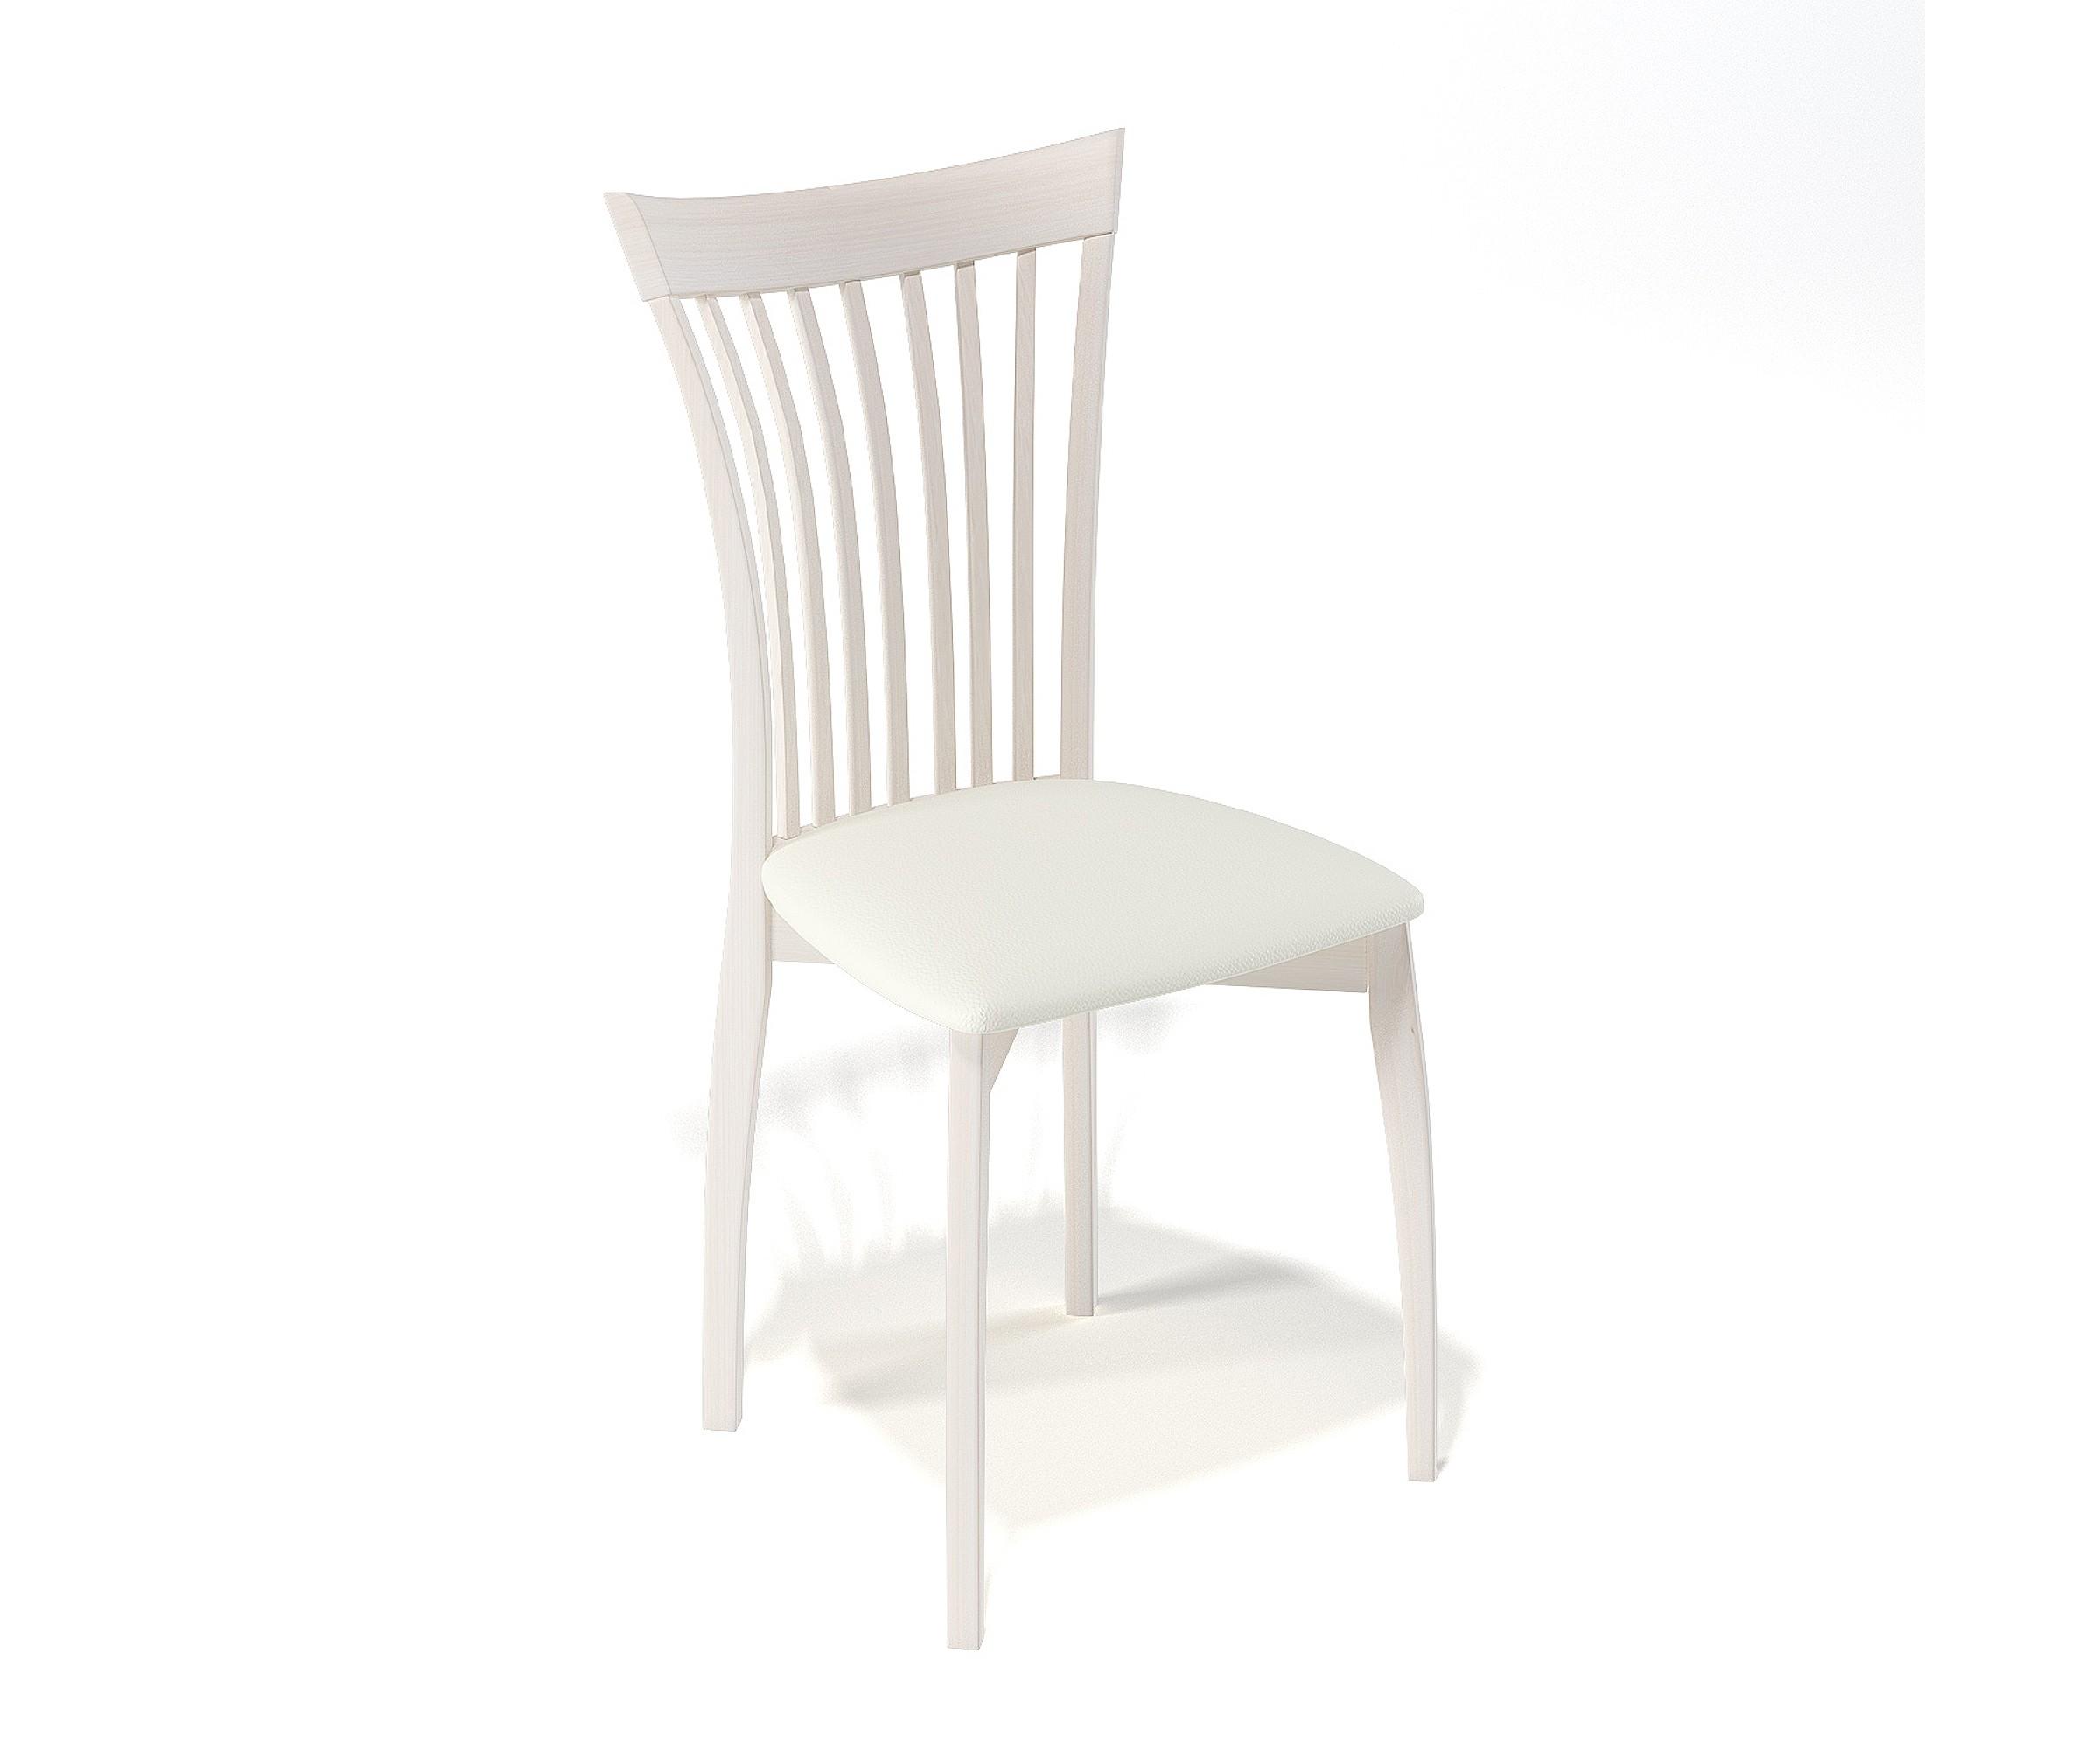 Стул KennerОбеденные стулья<br>Высота от пола до сиденья 46 см.<br><br>Material: Экокожа<br>Ширина см: 43.0<br>Высота см: 94.0<br>Глубина см: 41.0